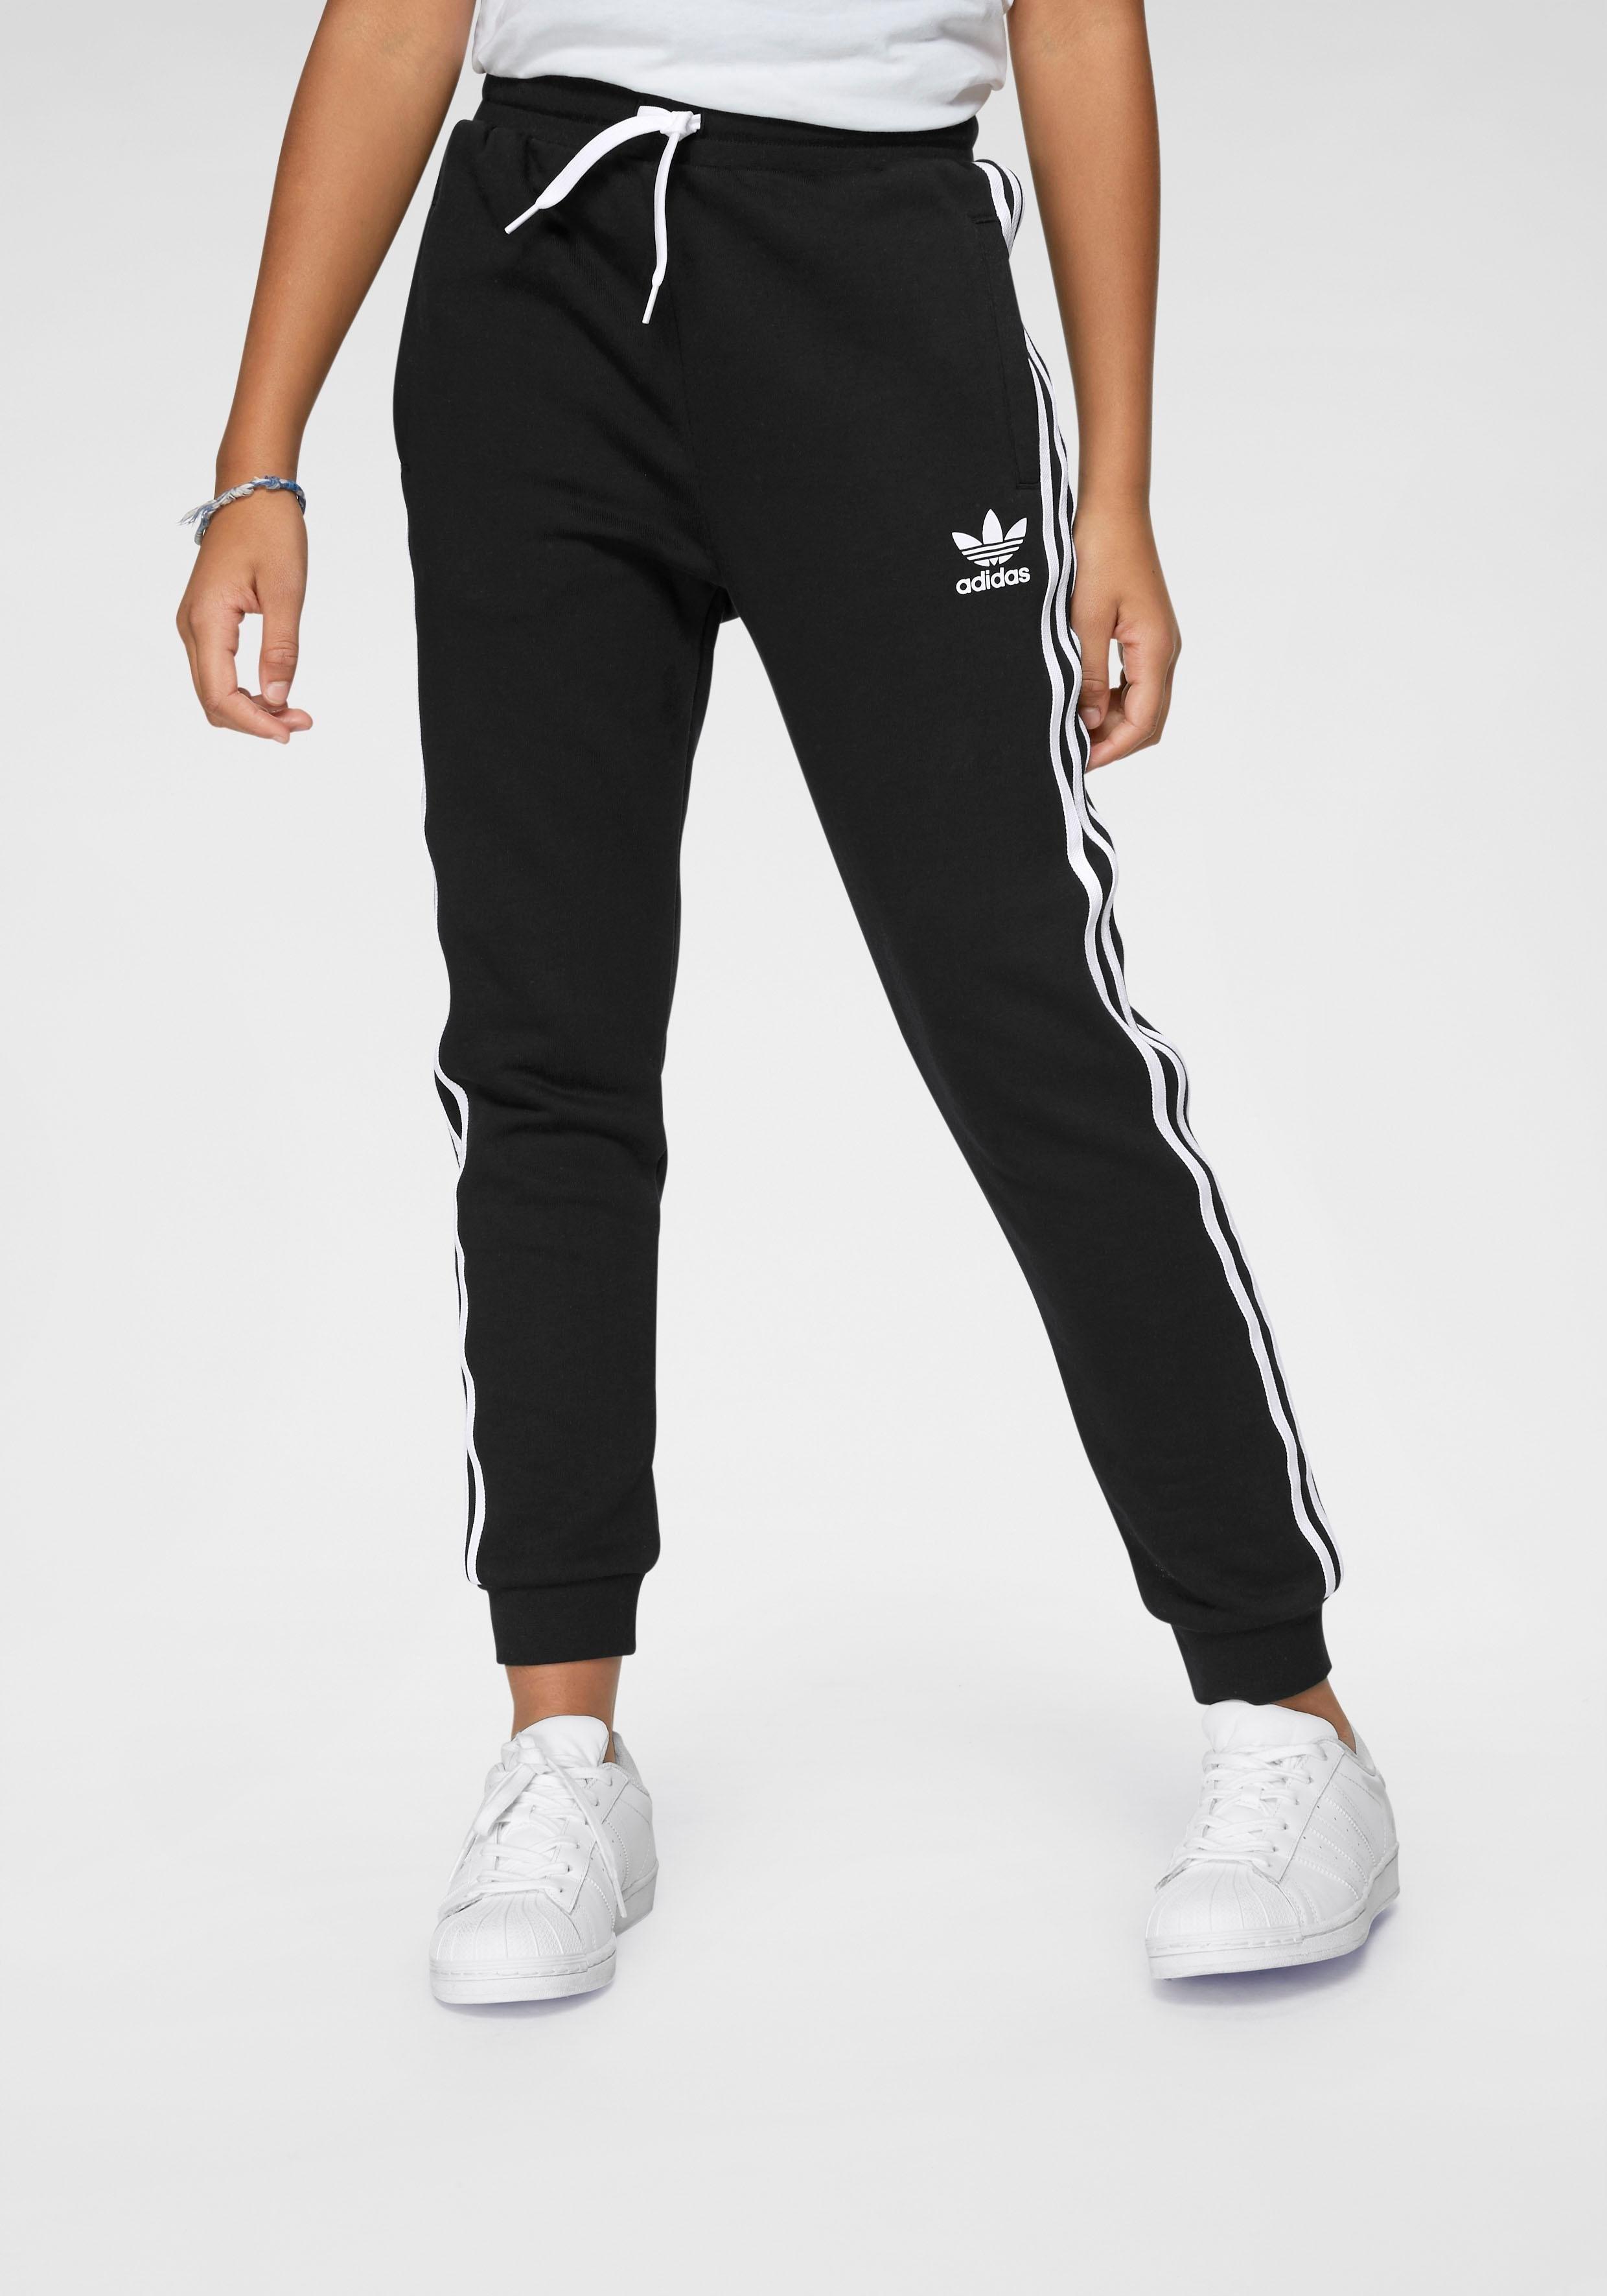 adidas Originals joggingbroek »TREFOIL PANTS« nu online kopen bij OTTO